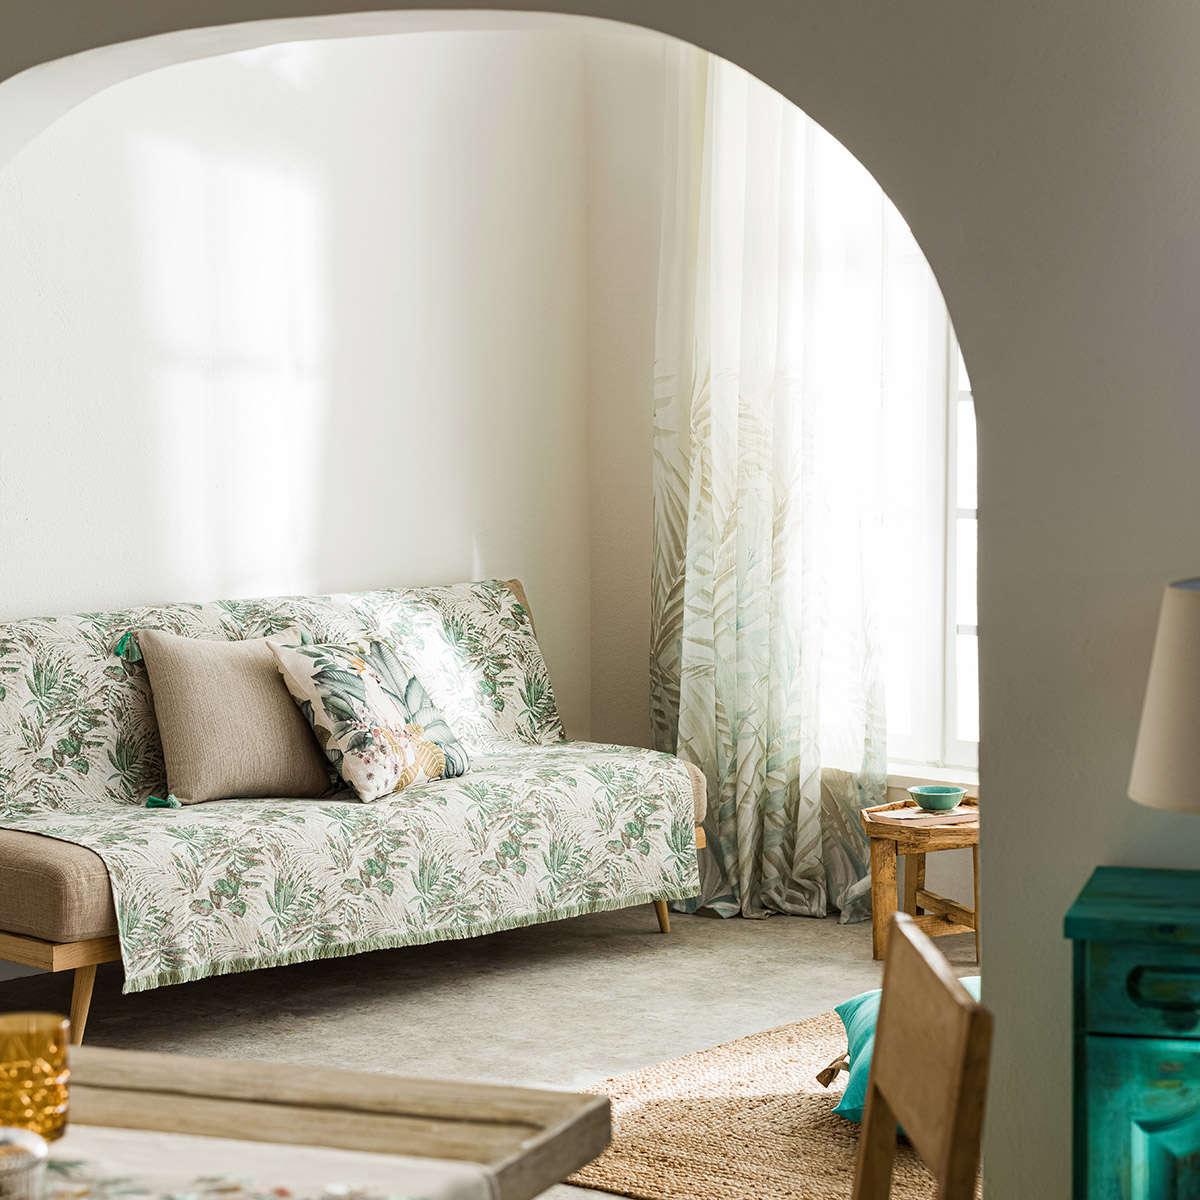 Ριχτάρι Paloma Green 696/18 Gofis Home Τετραθέσιο 180x350cm